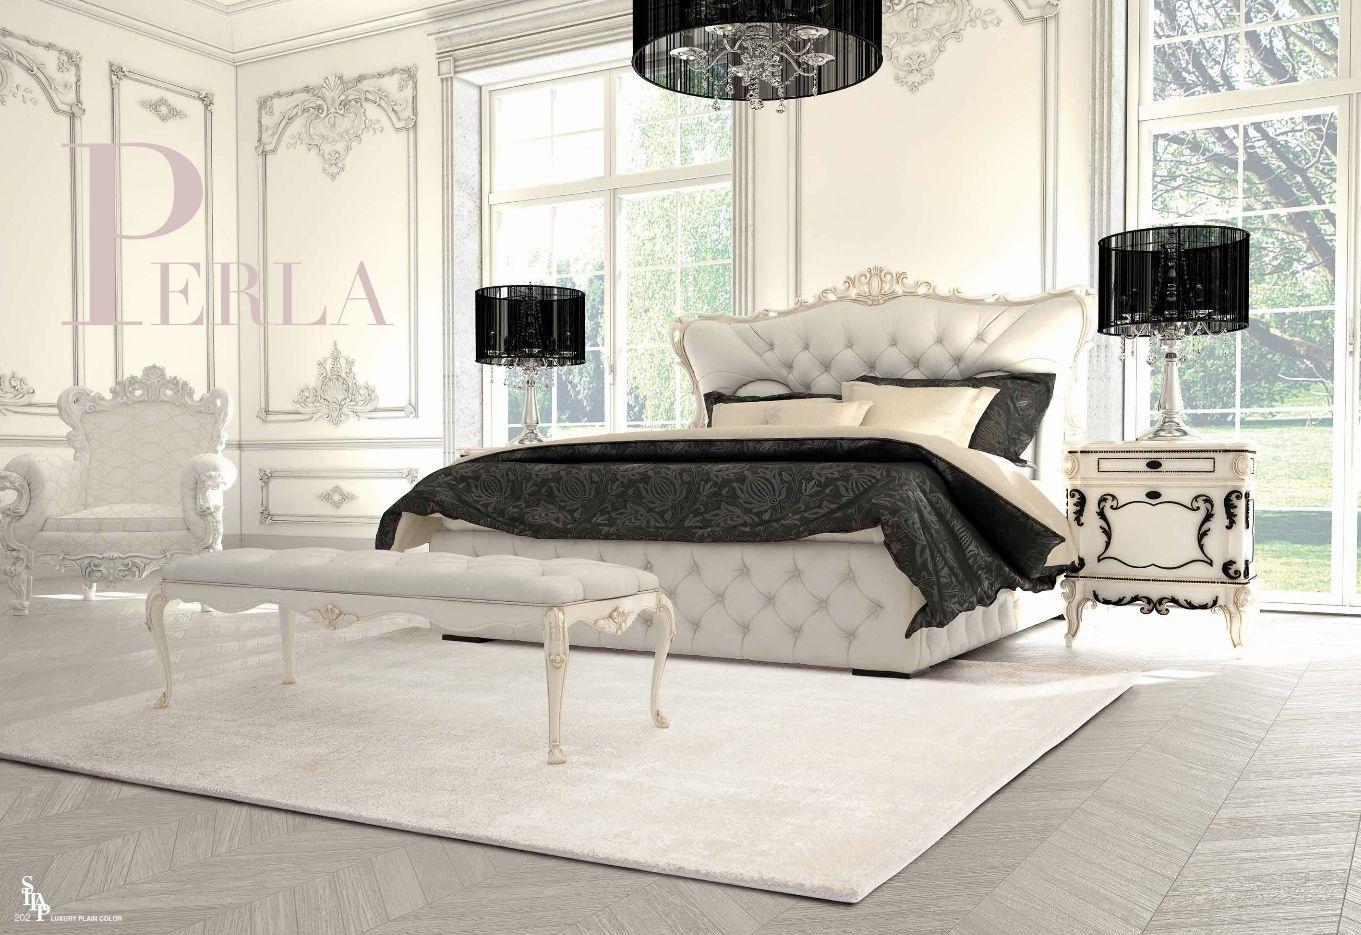 Teppiche italienische teppiche sitap perla seriedie - Italienische designer wandspiegel ...